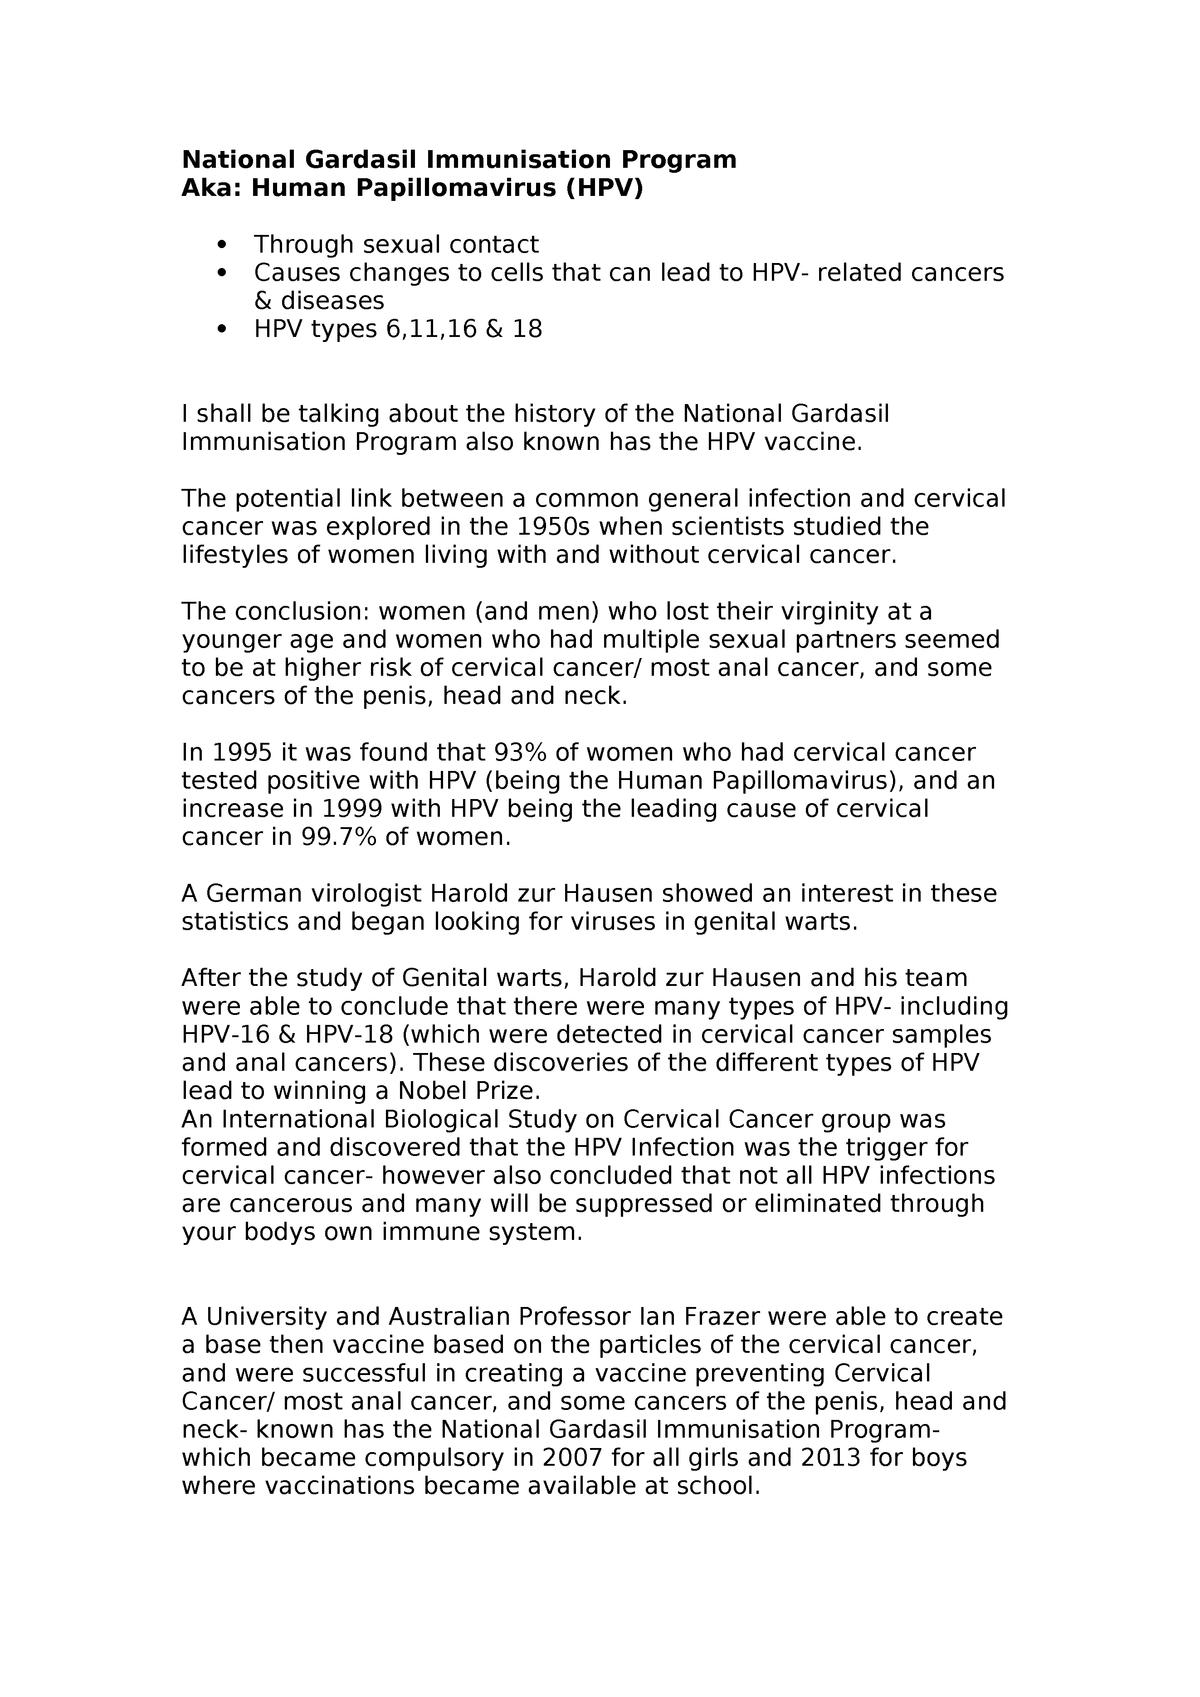 human papillomavirus infection essay